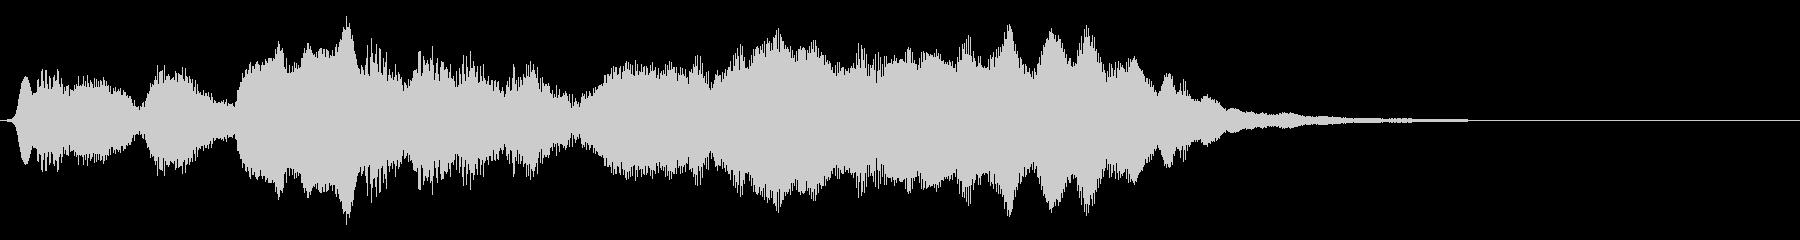 フルートの明るいジングル・場面転換2の未再生の波形